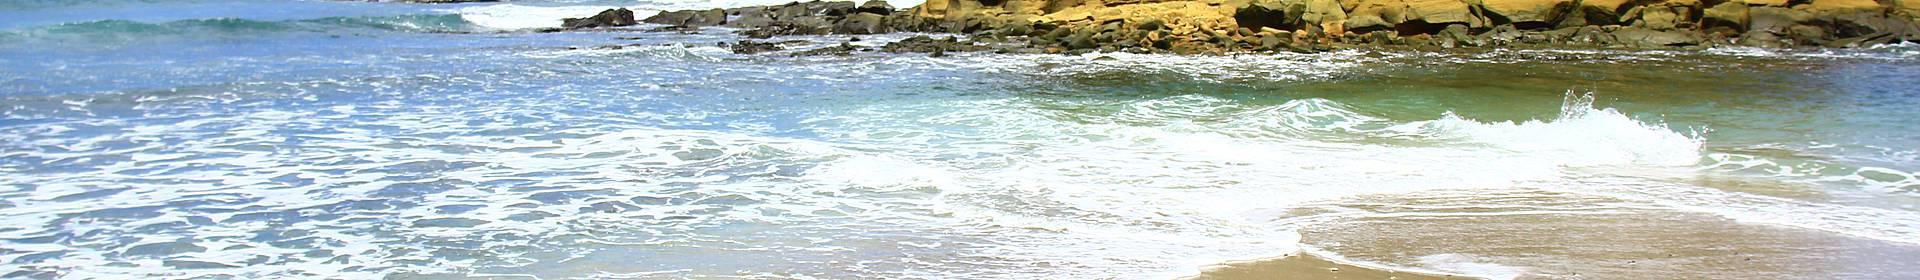 Punta Los Frailes